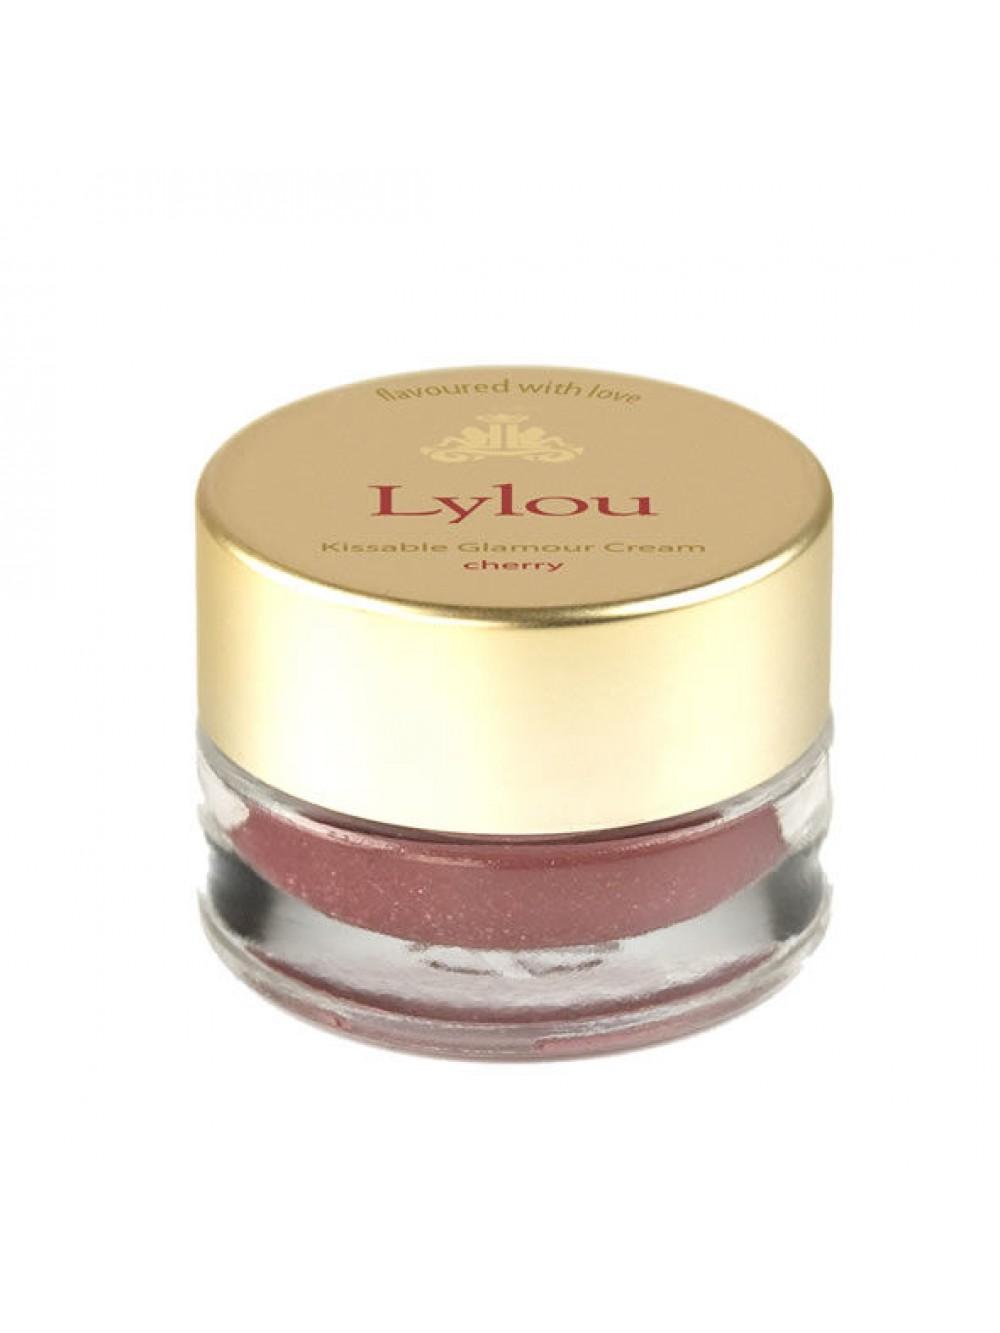 LYLOU KISSABLE GLAMOUR CREAM CHERRY 7ML